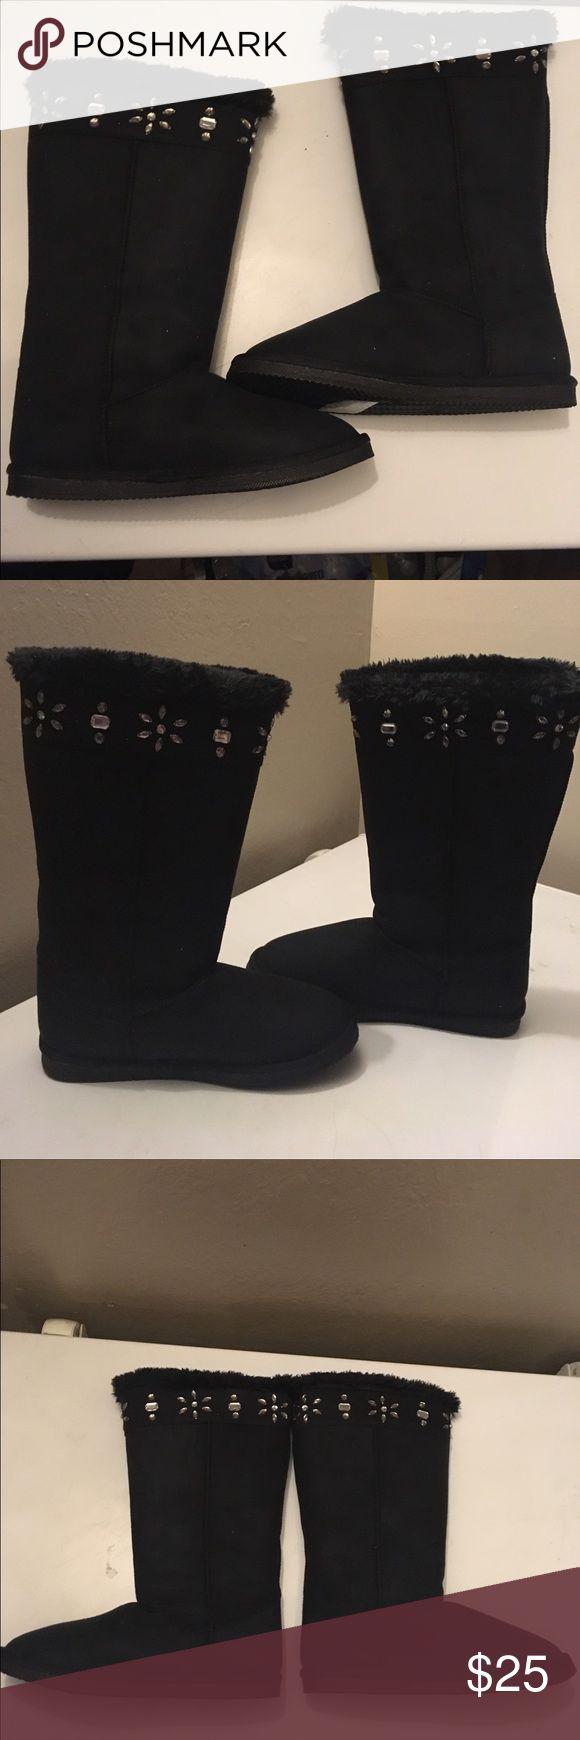 """Black """"suede"""" boots Sparkle rhinestone """"suede"""" black boots.   Women's size 10   New never worn   Botas negras de imitación """"rhinestone"""" de gamuza.  Tamaño mujer 10  Nuevo nunca usado Shoes Winter & Rain Boots"""